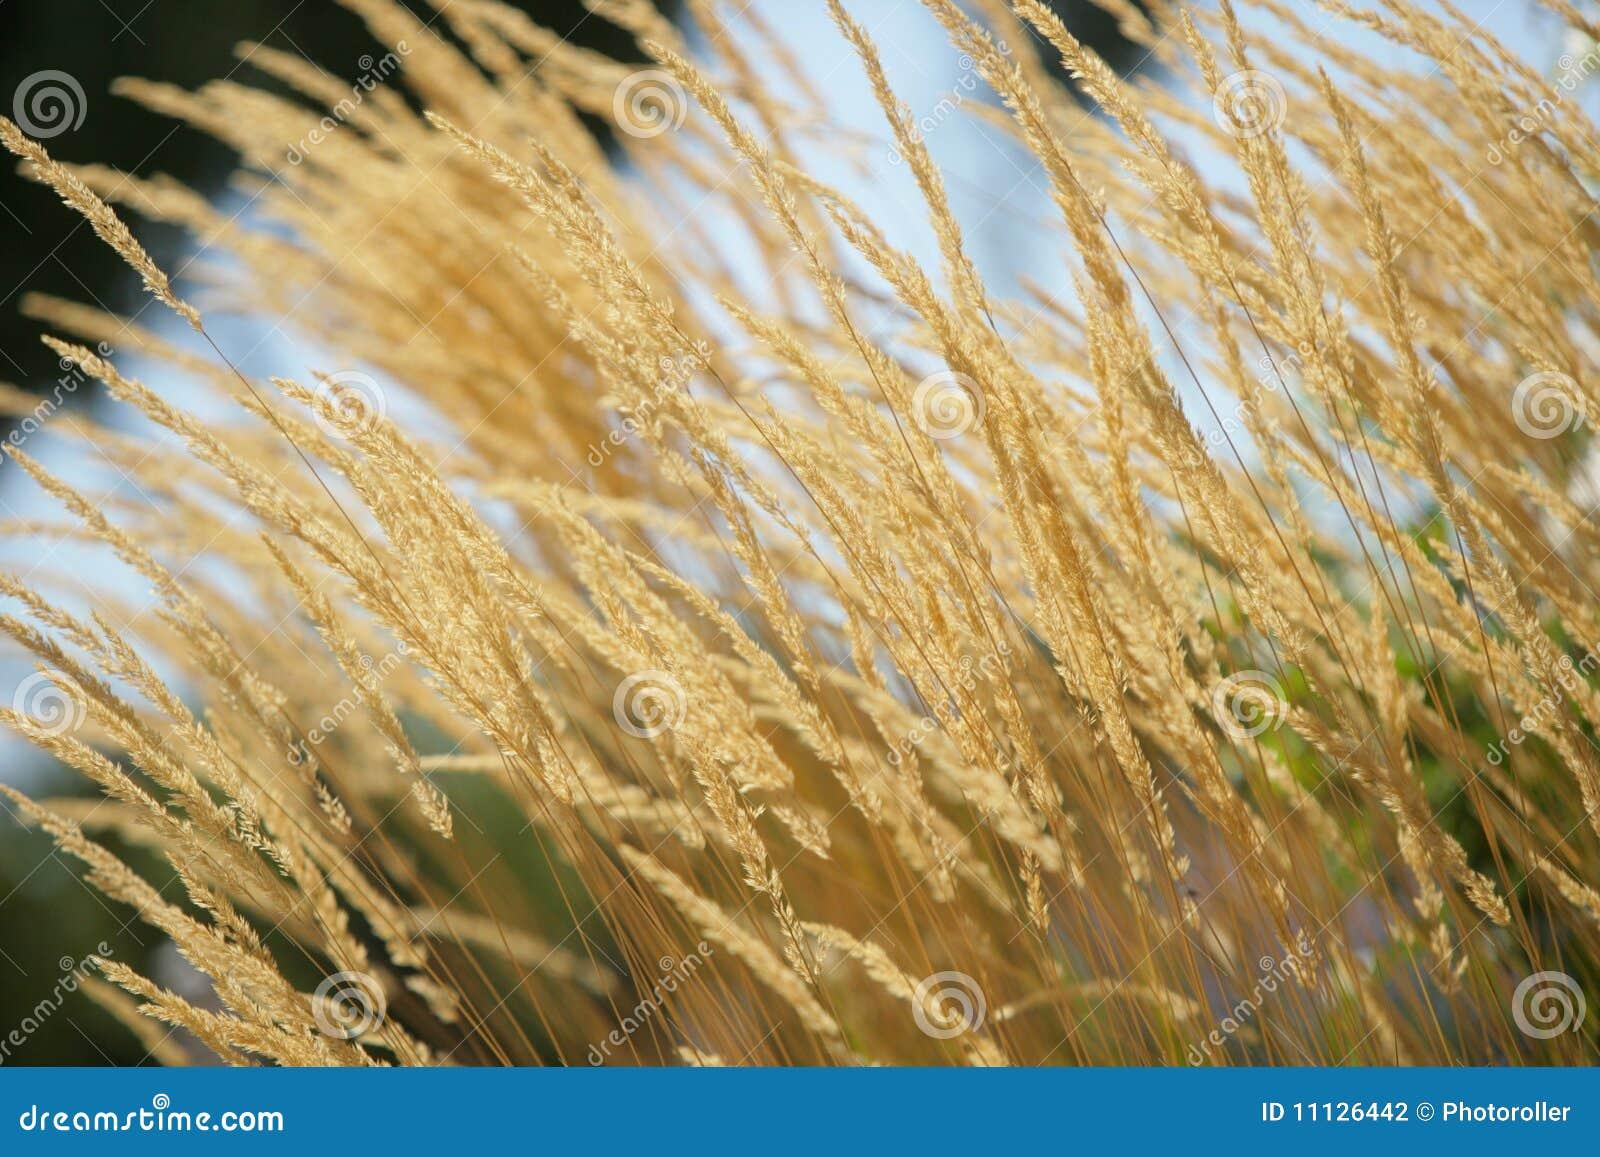 Jaunissez le blé